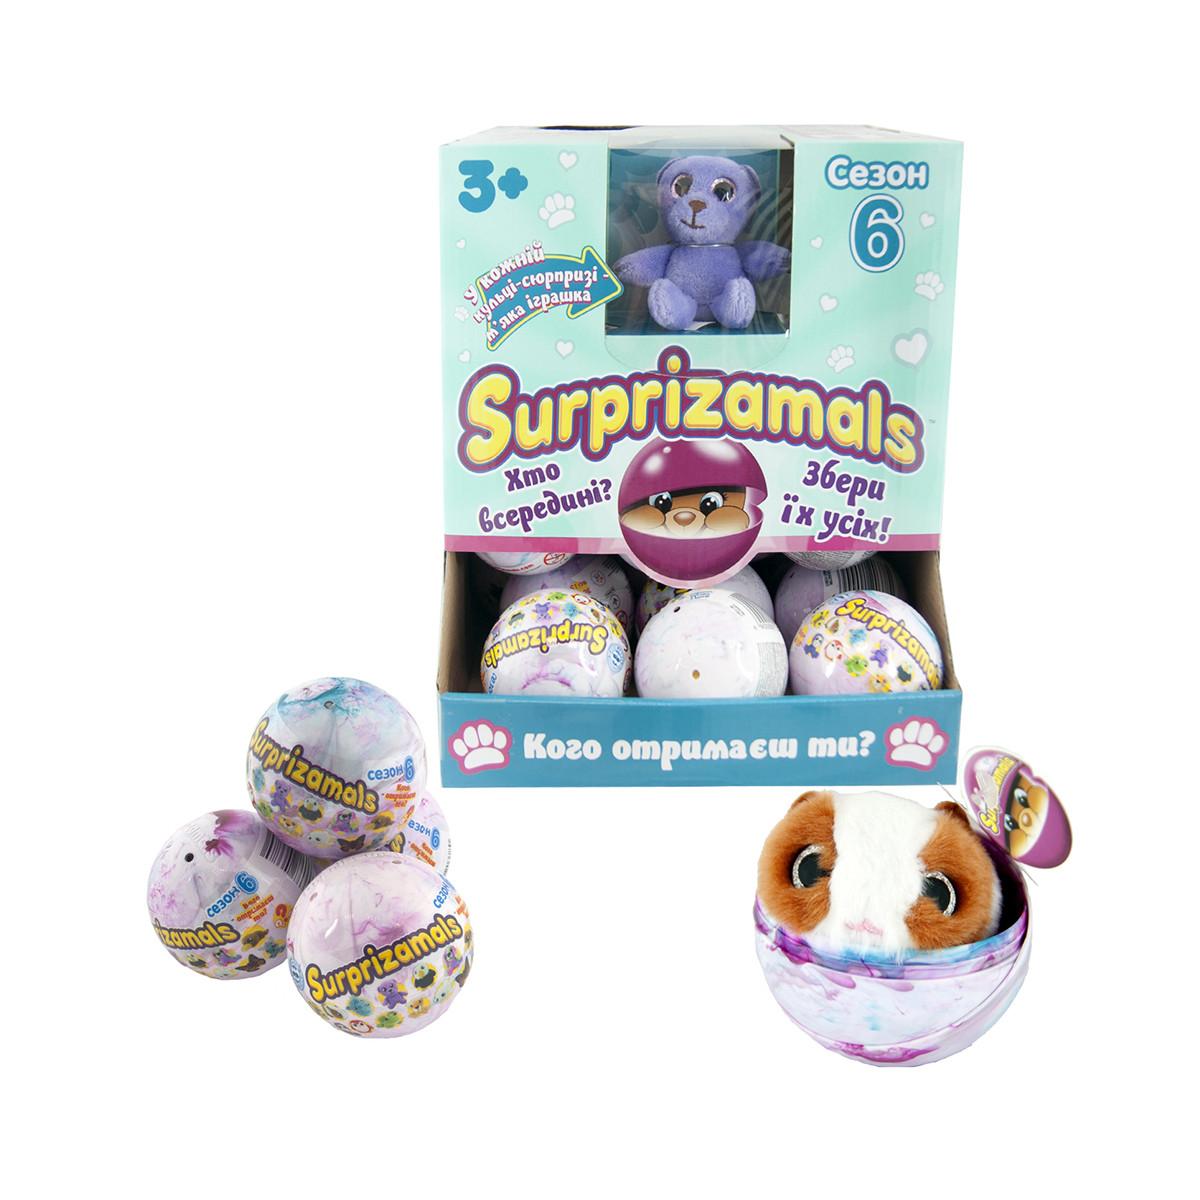 Мягкая игрушка-сюрприз в шаре Surprizamals S6, SUR20275W